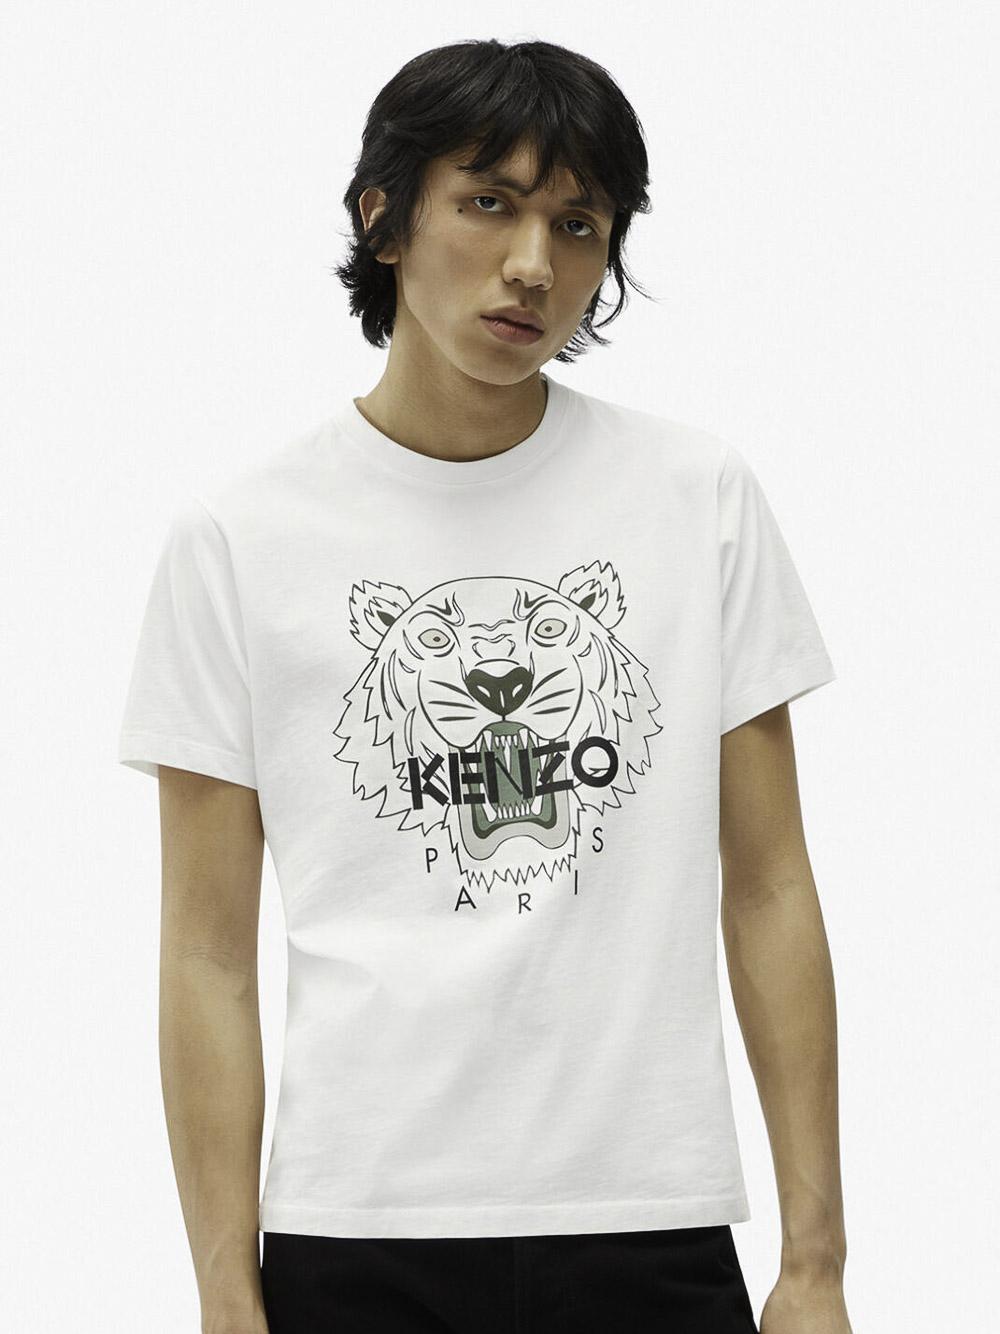 KENZO Μπλούζα t-shirt 5TS0204YA-01Β ΛΕΥΚΟ